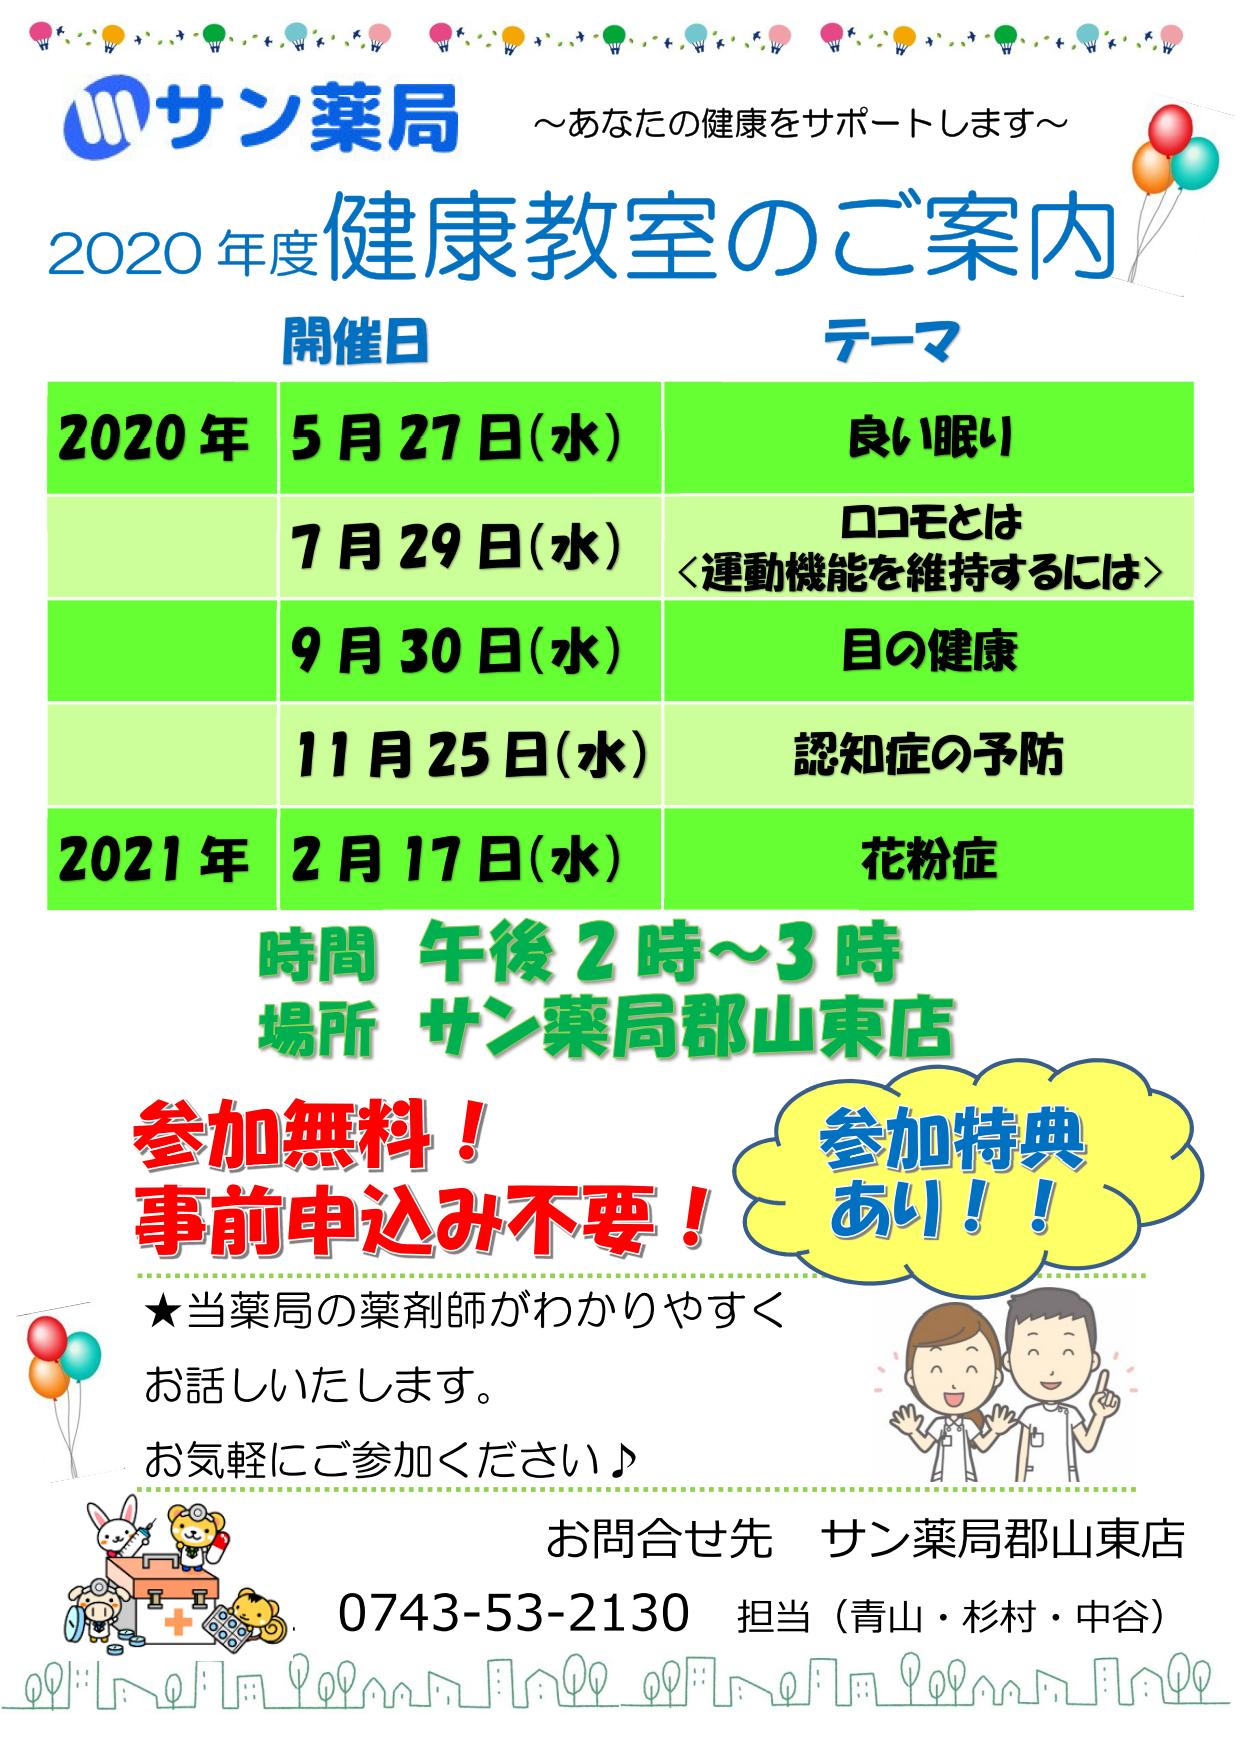 郡山東店◆健康教室2020年度年間スケジュール◆